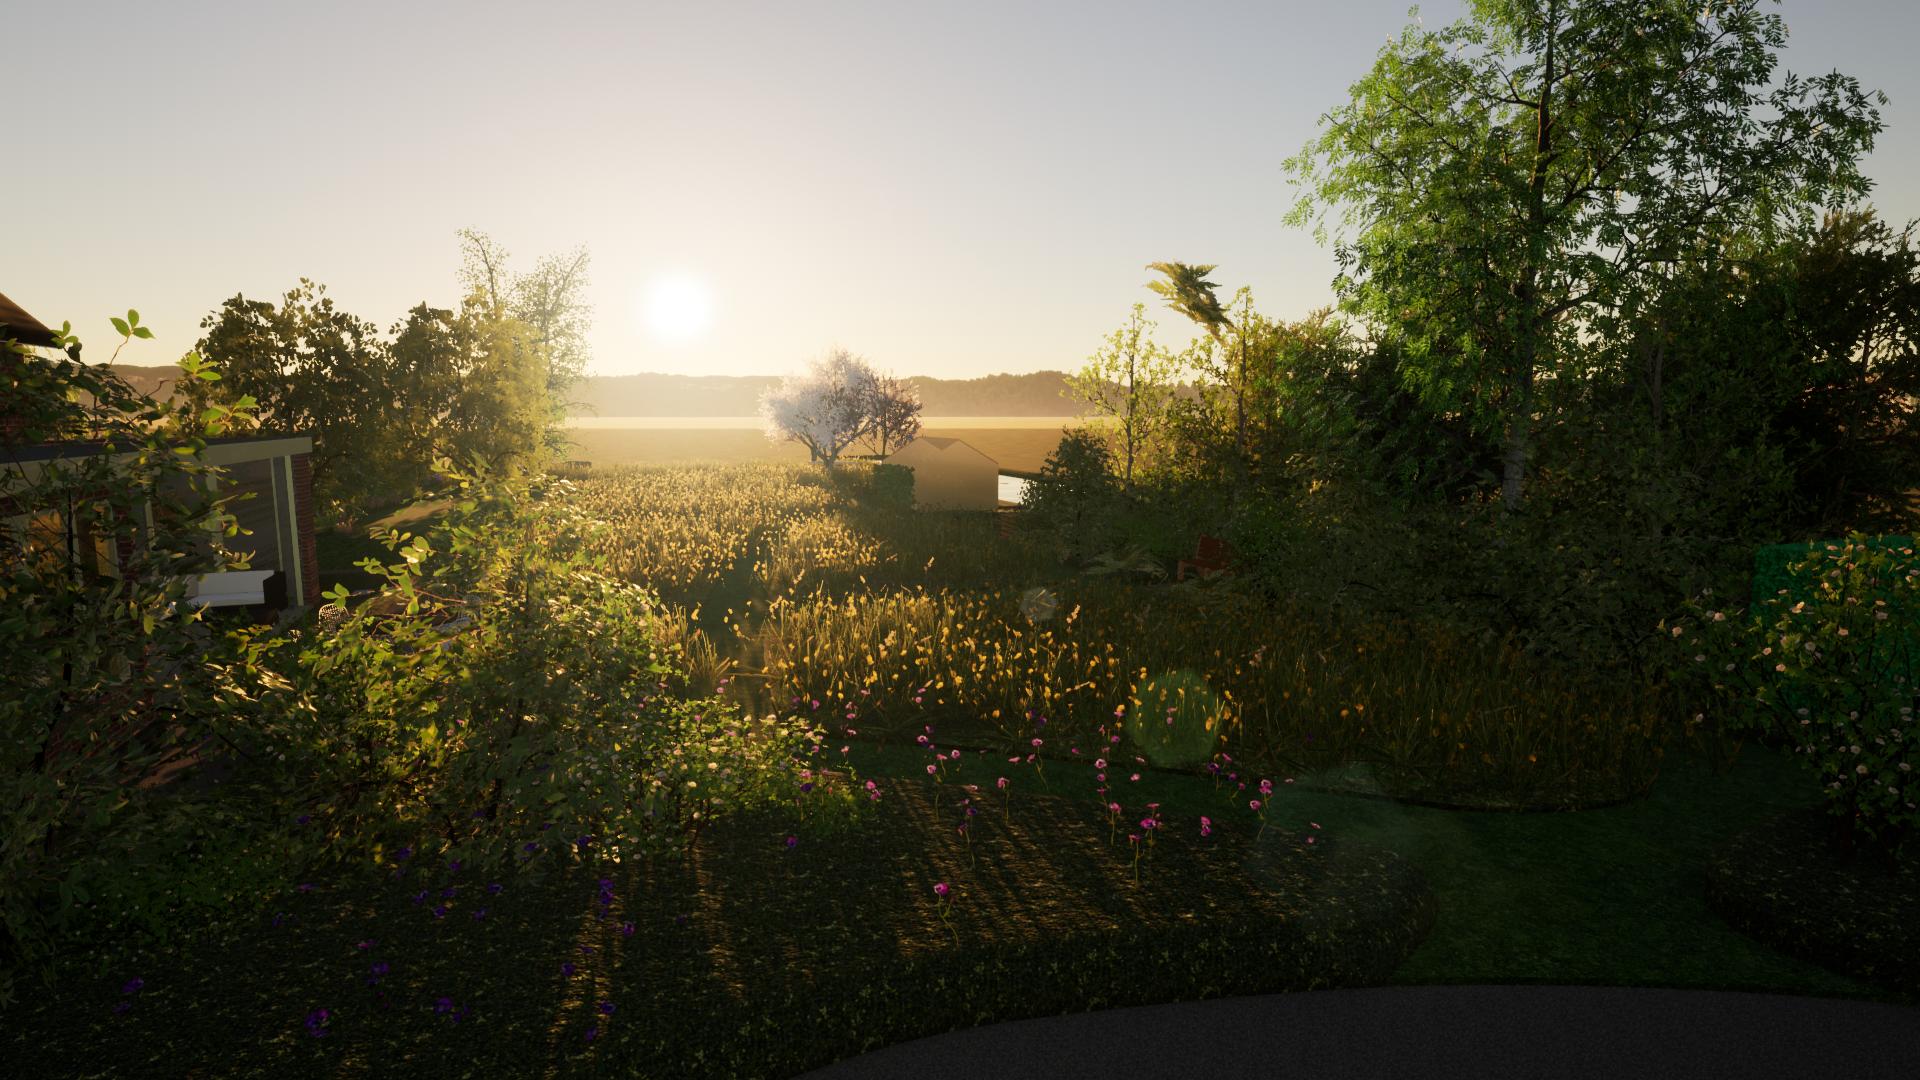 Genieten van de zonsopgang in de polder ©Groenerwaard